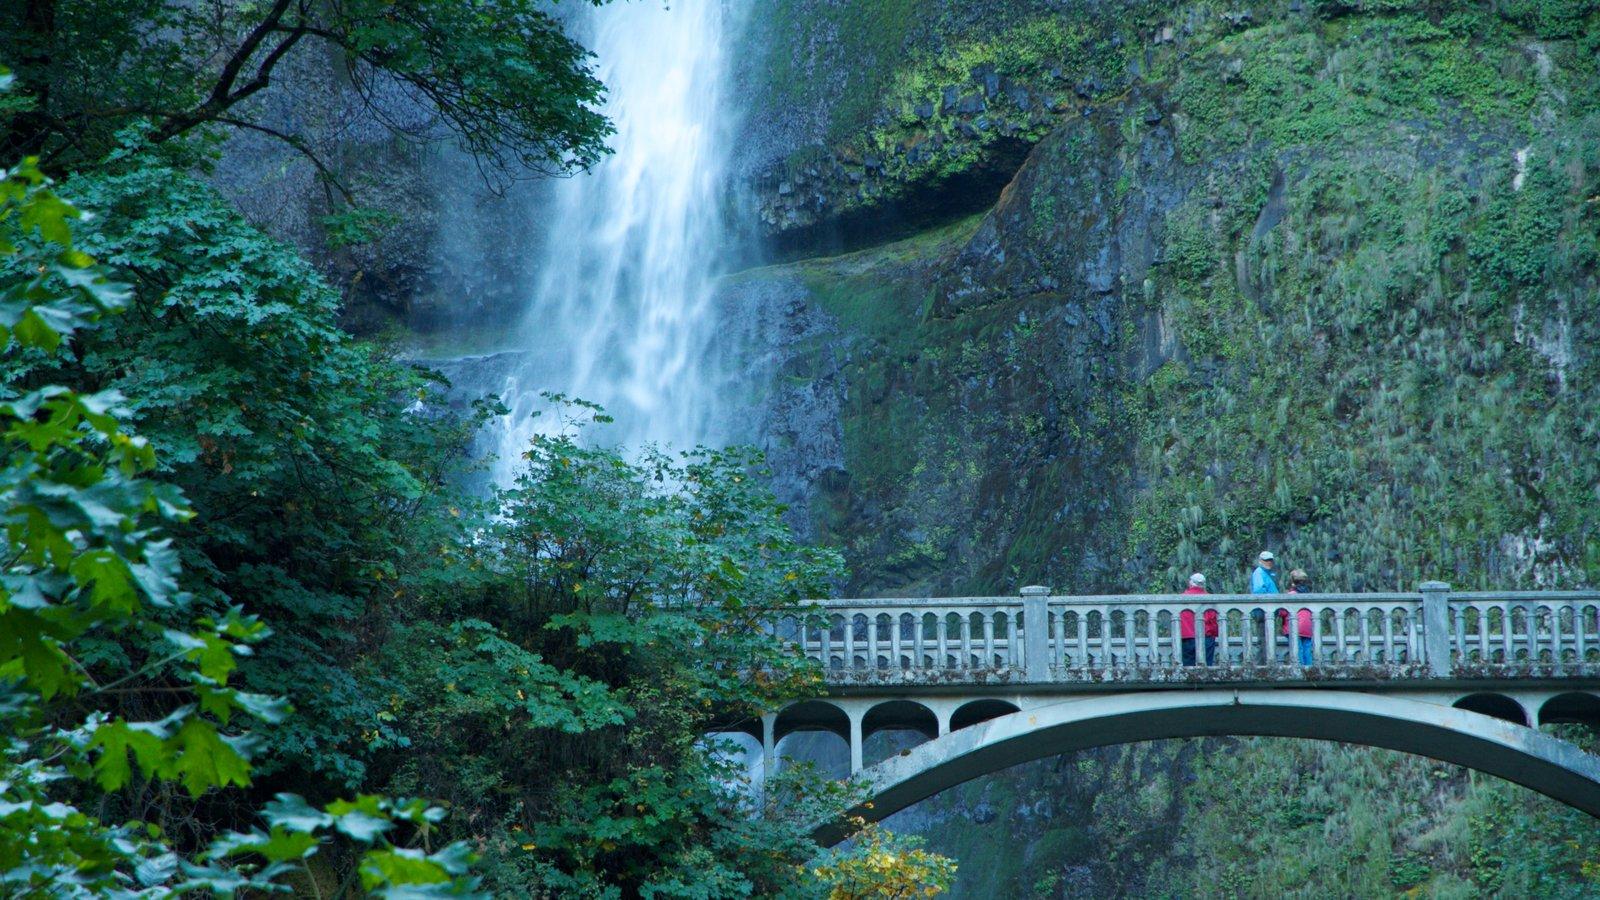 Portland que inclui paisagem, uma cascata e uma ponte